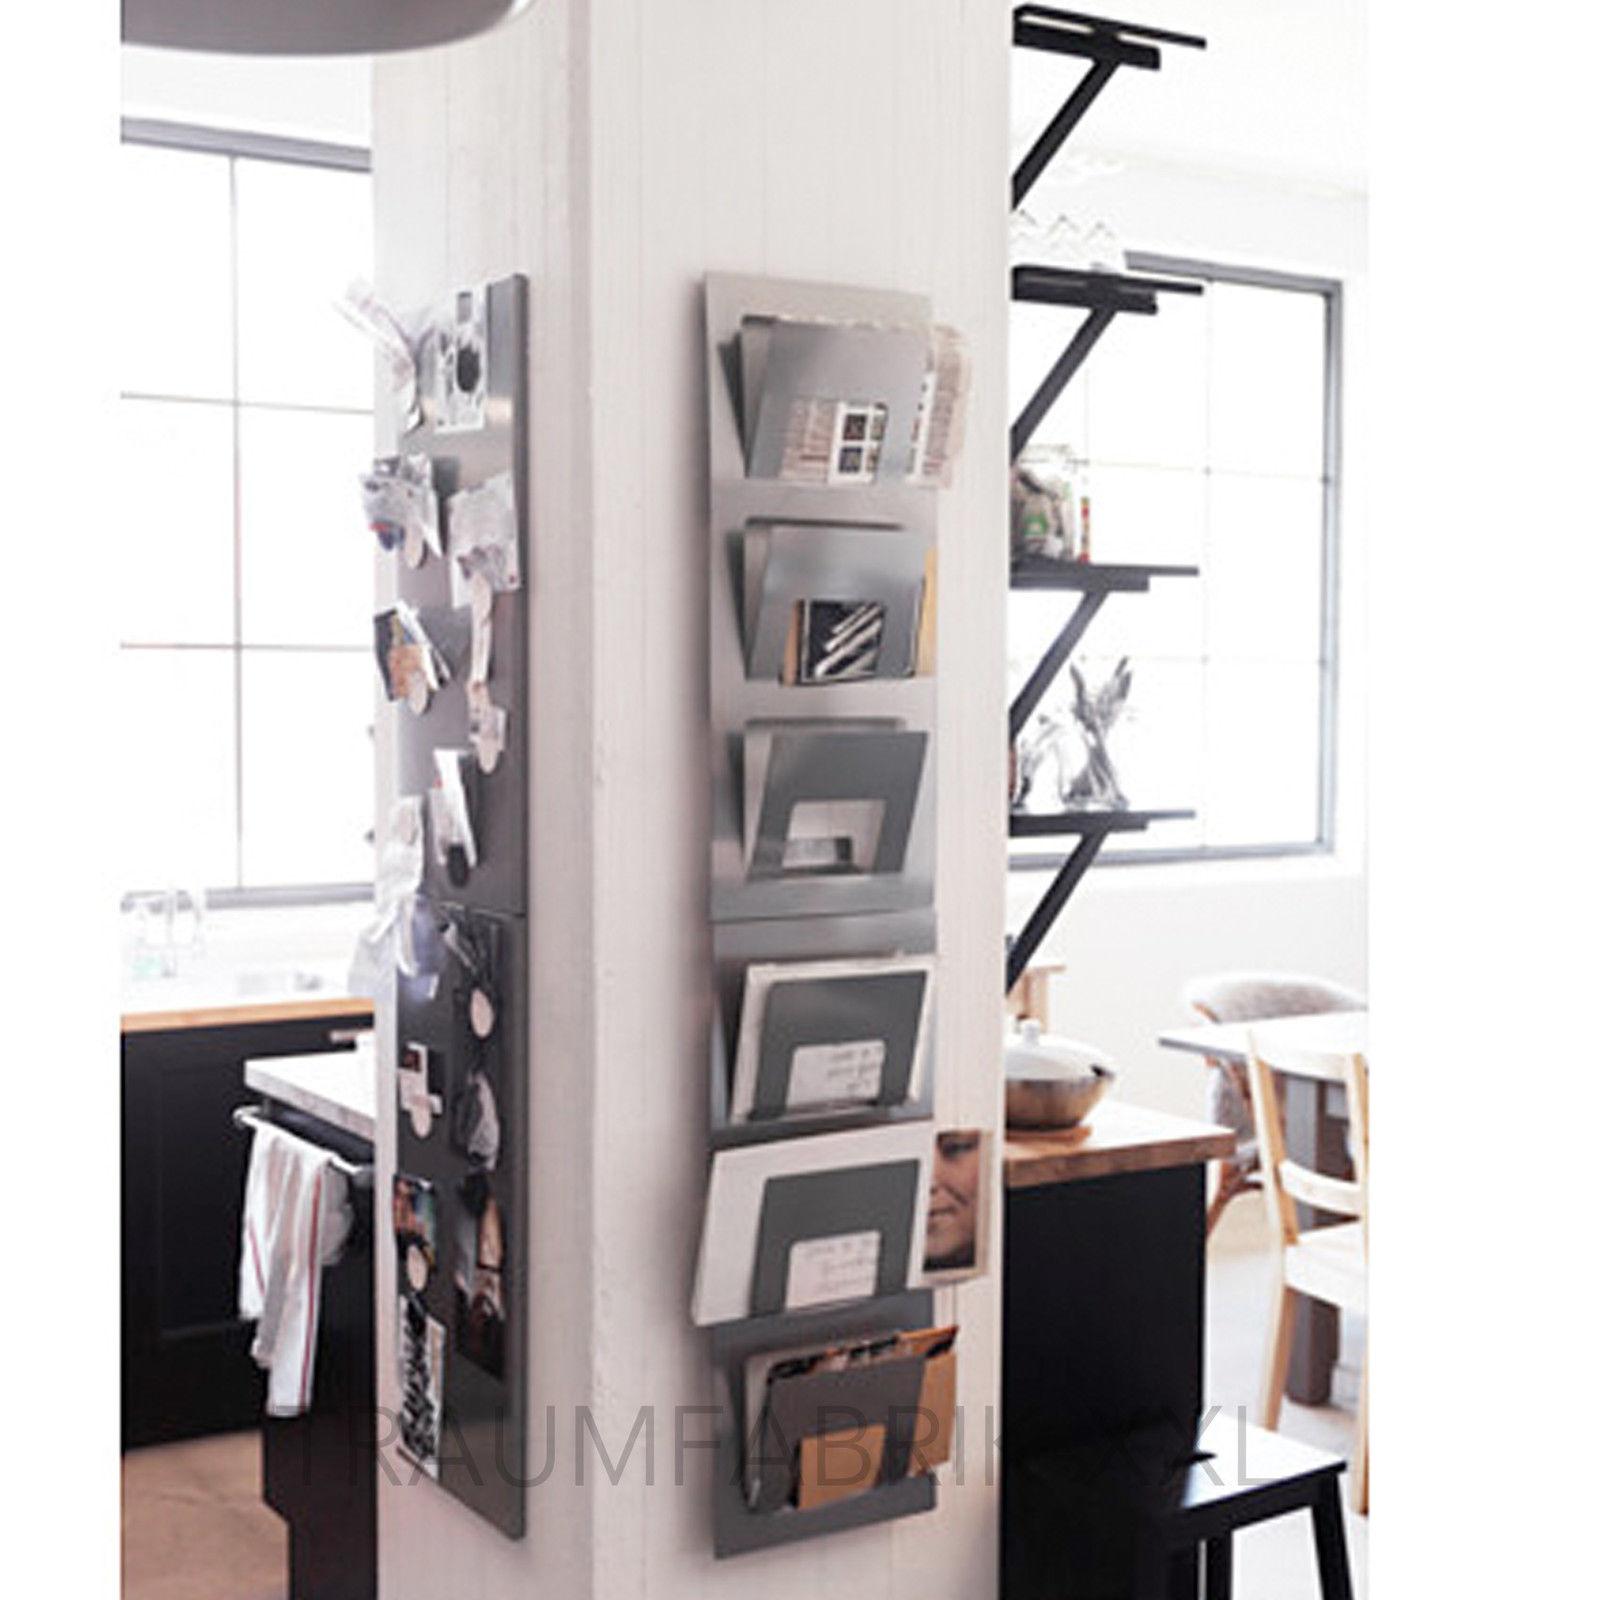 zeitungsst nder magazinhalter zeitungshalter f r die wand silber neu ovp traumfabrik xxl. Black Bedroom Furniture Sets. Home Design Ideas